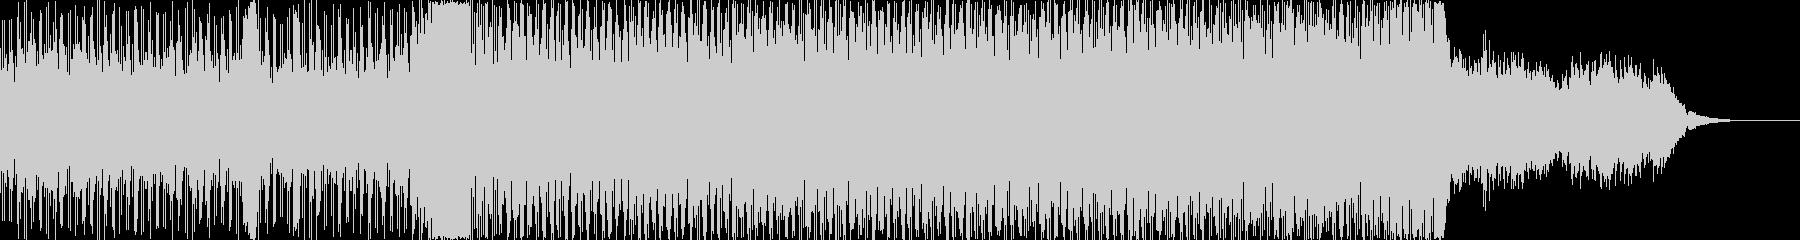 エレクトロニカの未再生の波形